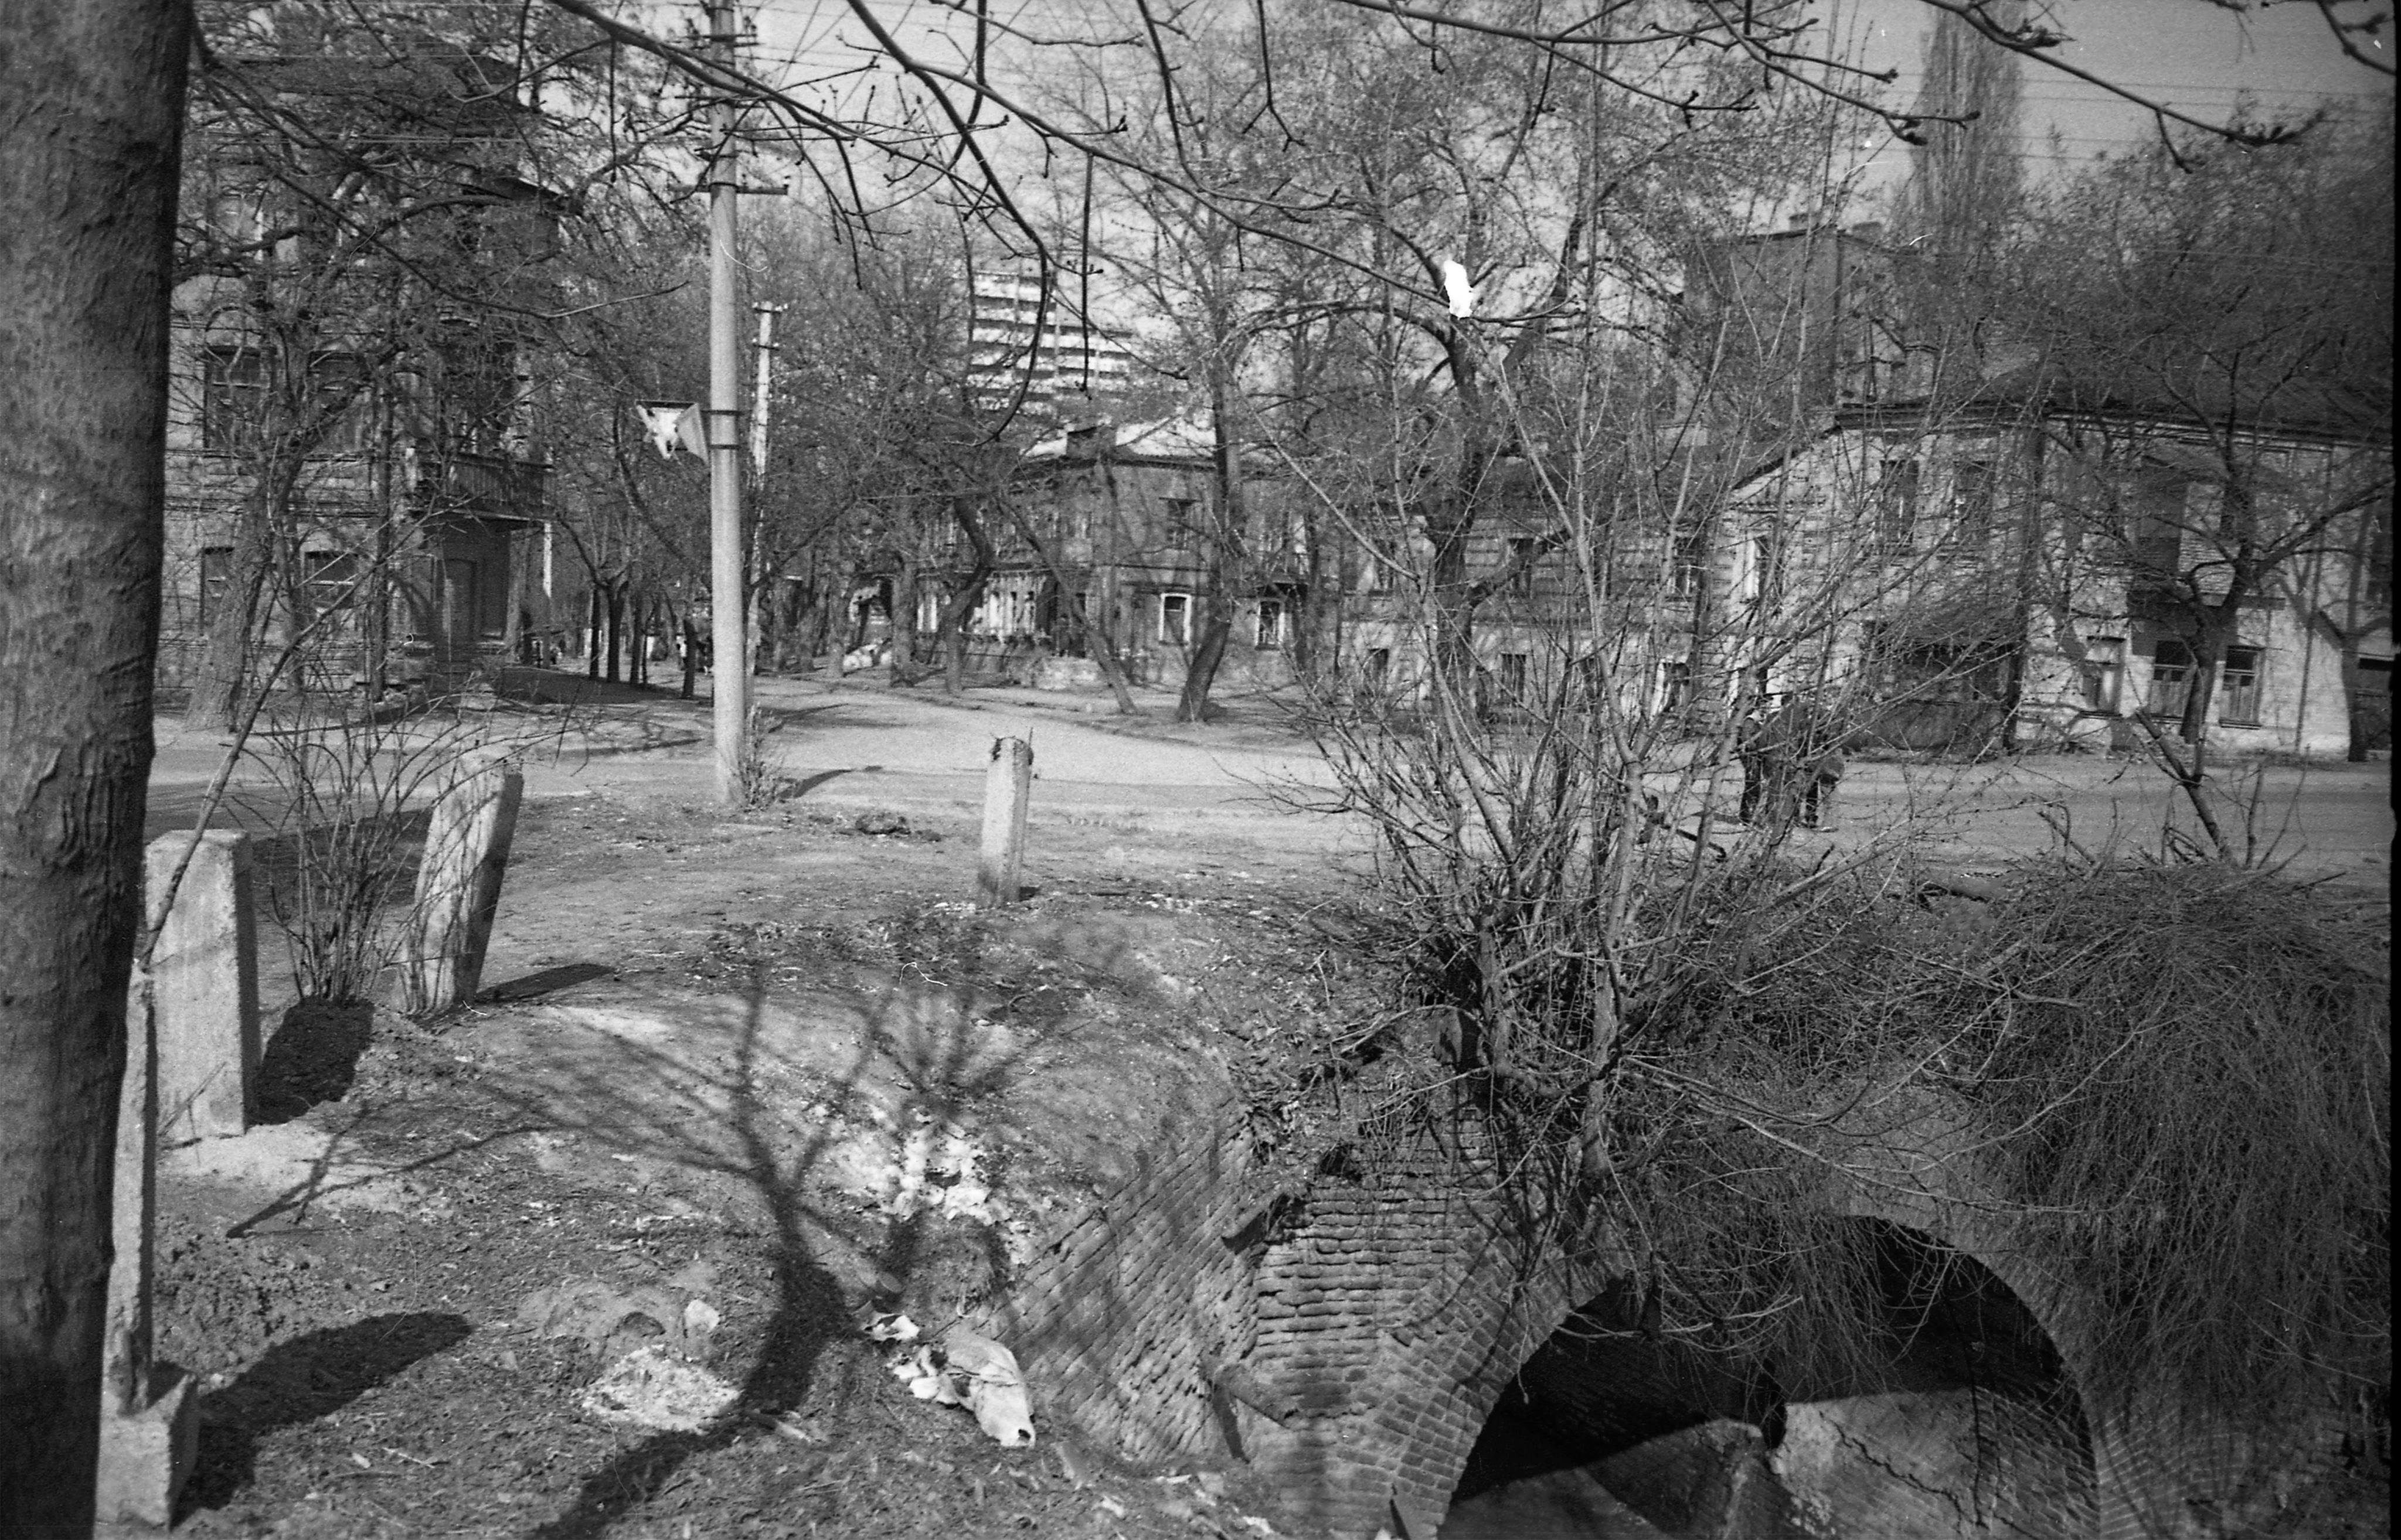 Портал к подземной реке: как выглядел вход в подземелья Днепра (Фото)